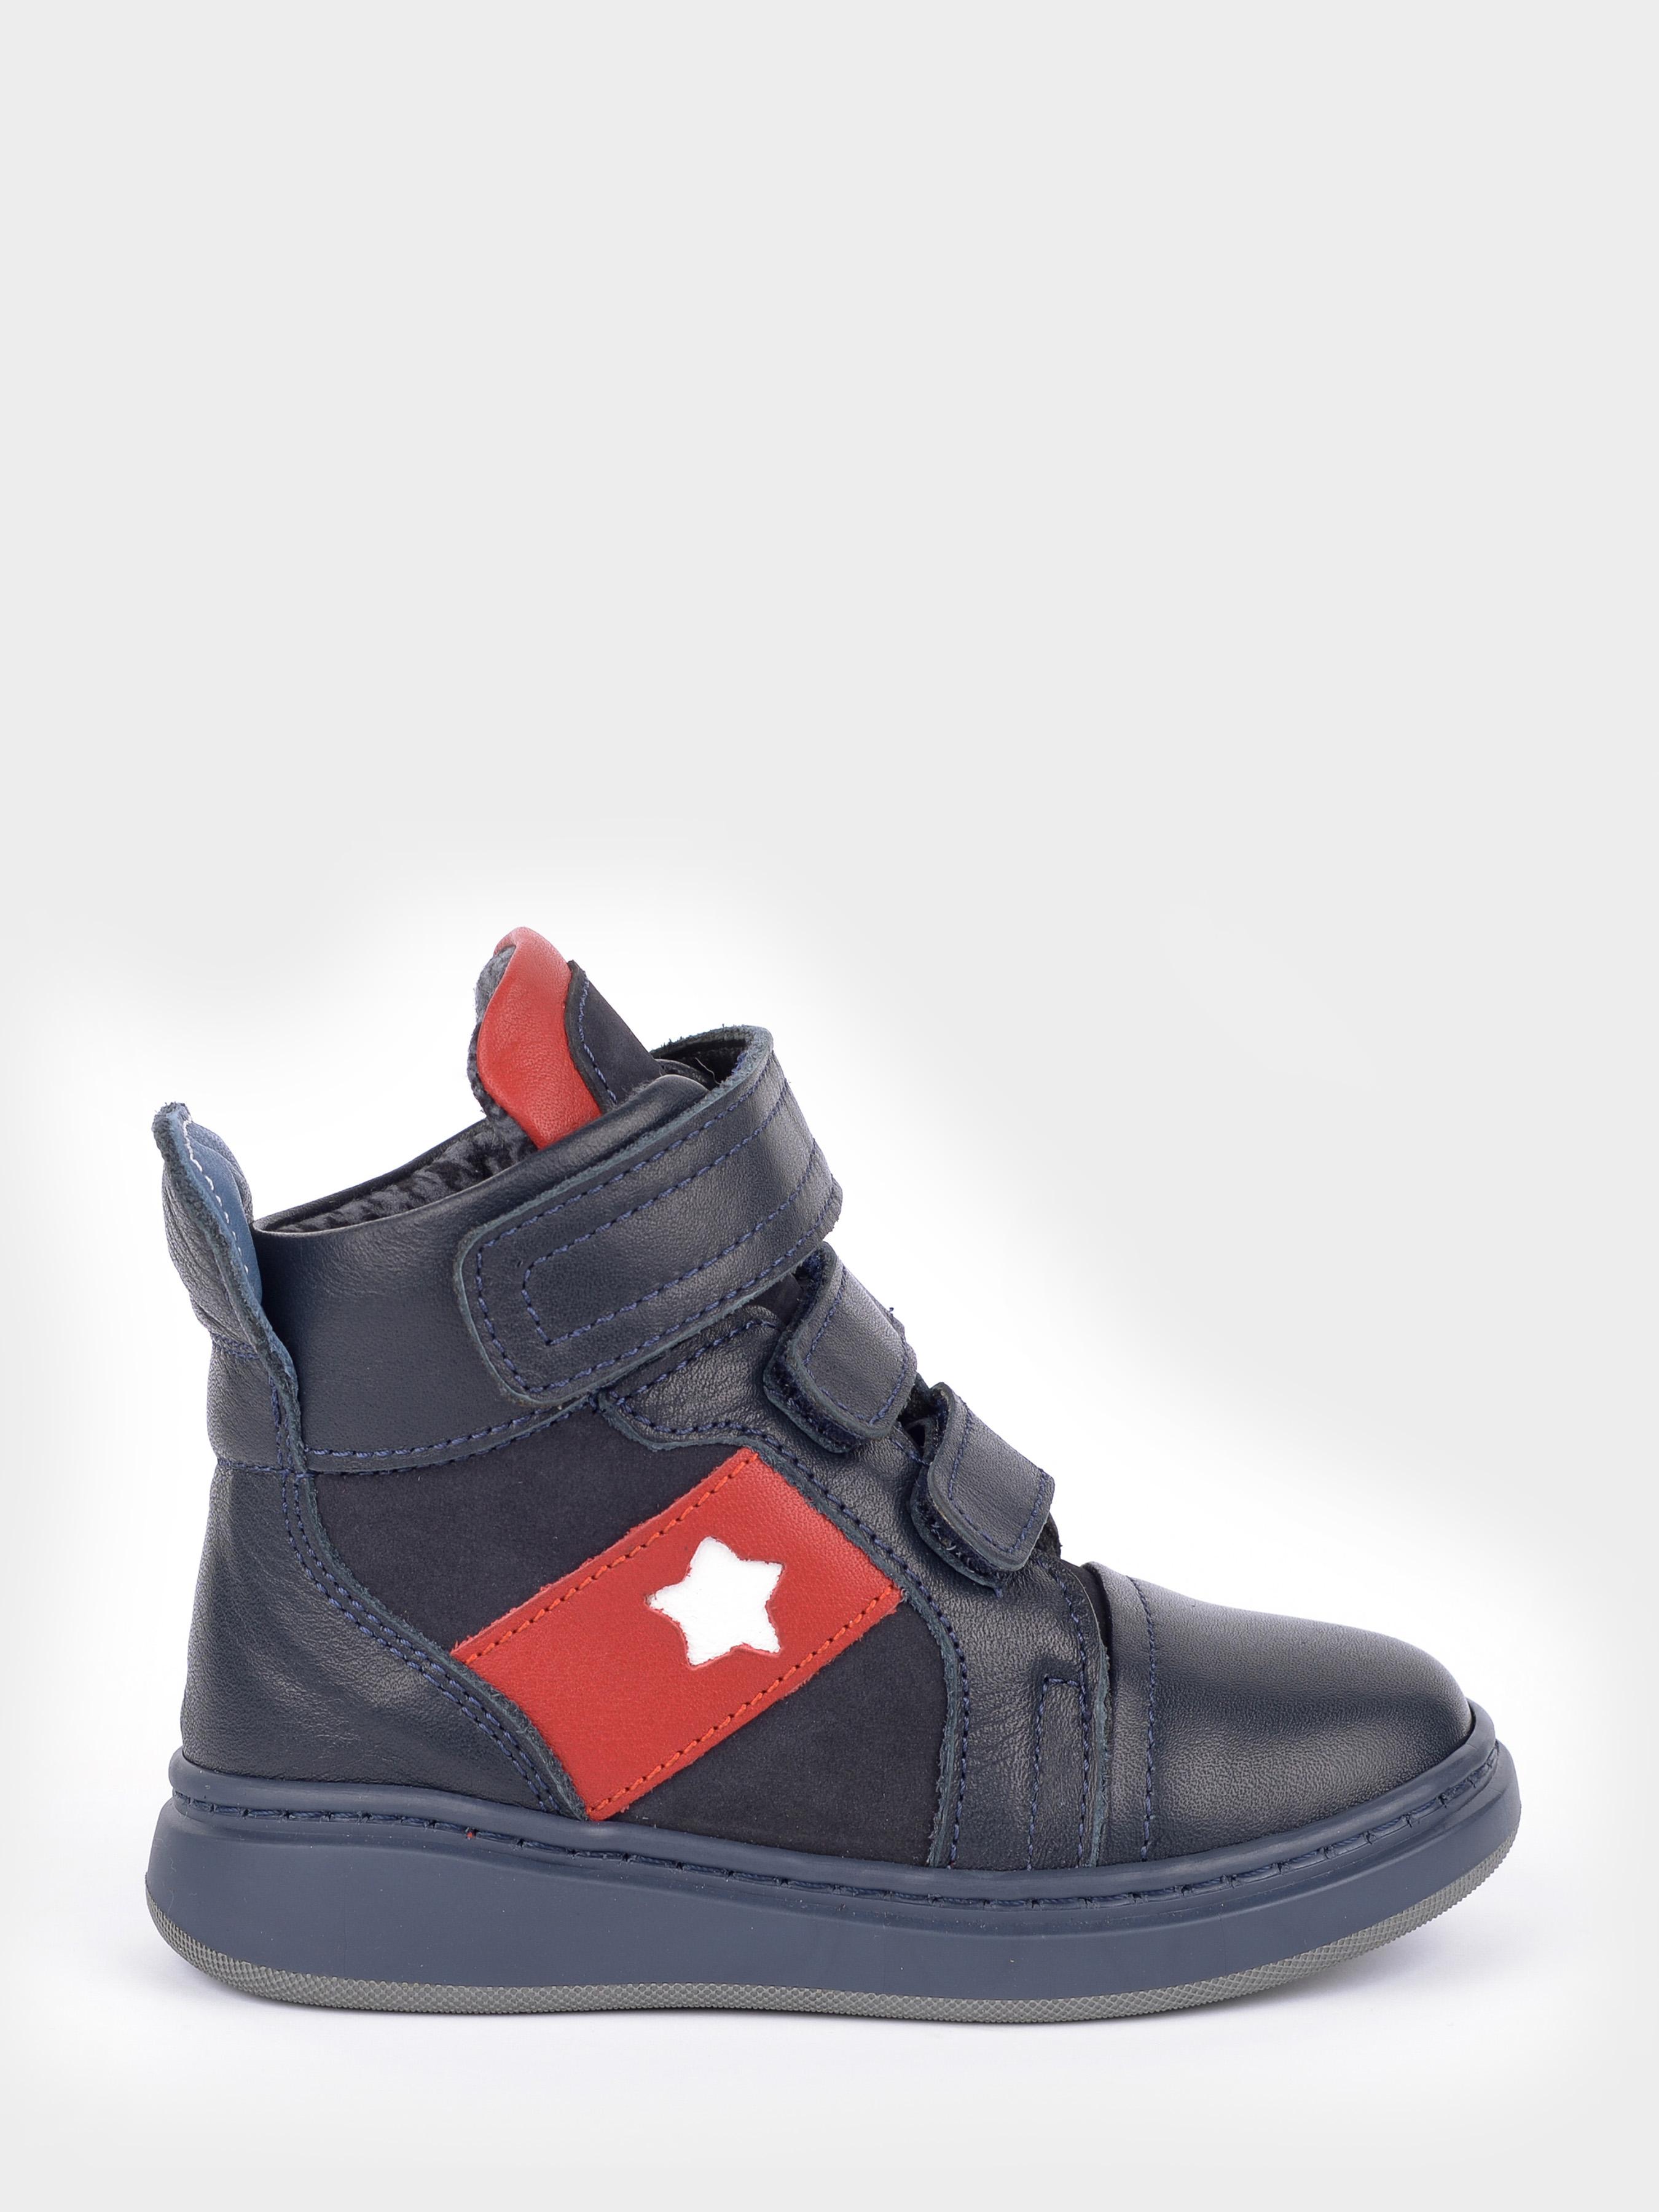 Купить Ботинки детские Ботинки 1657-KR-02, Tutubi